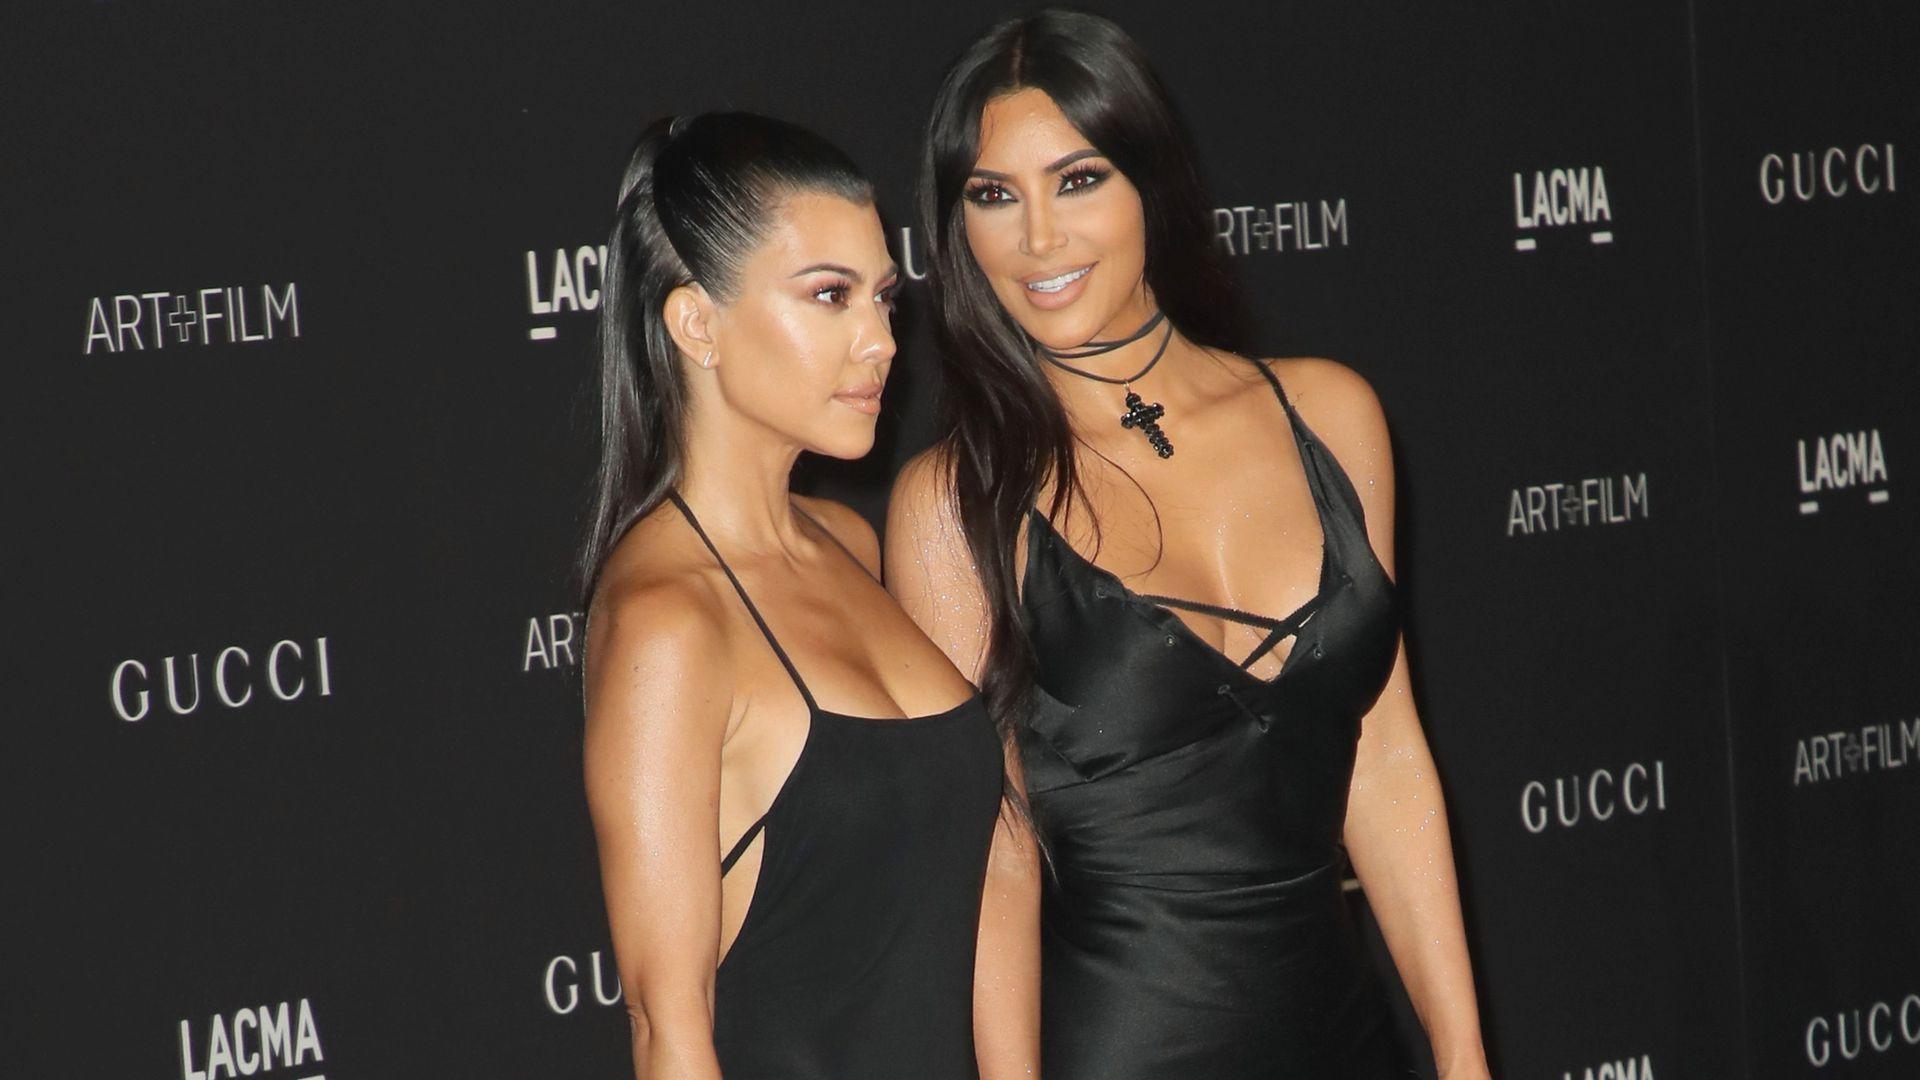 Unerhört! Kim Kardashian unterbricht Kourtney im Interview - Promiflash.de